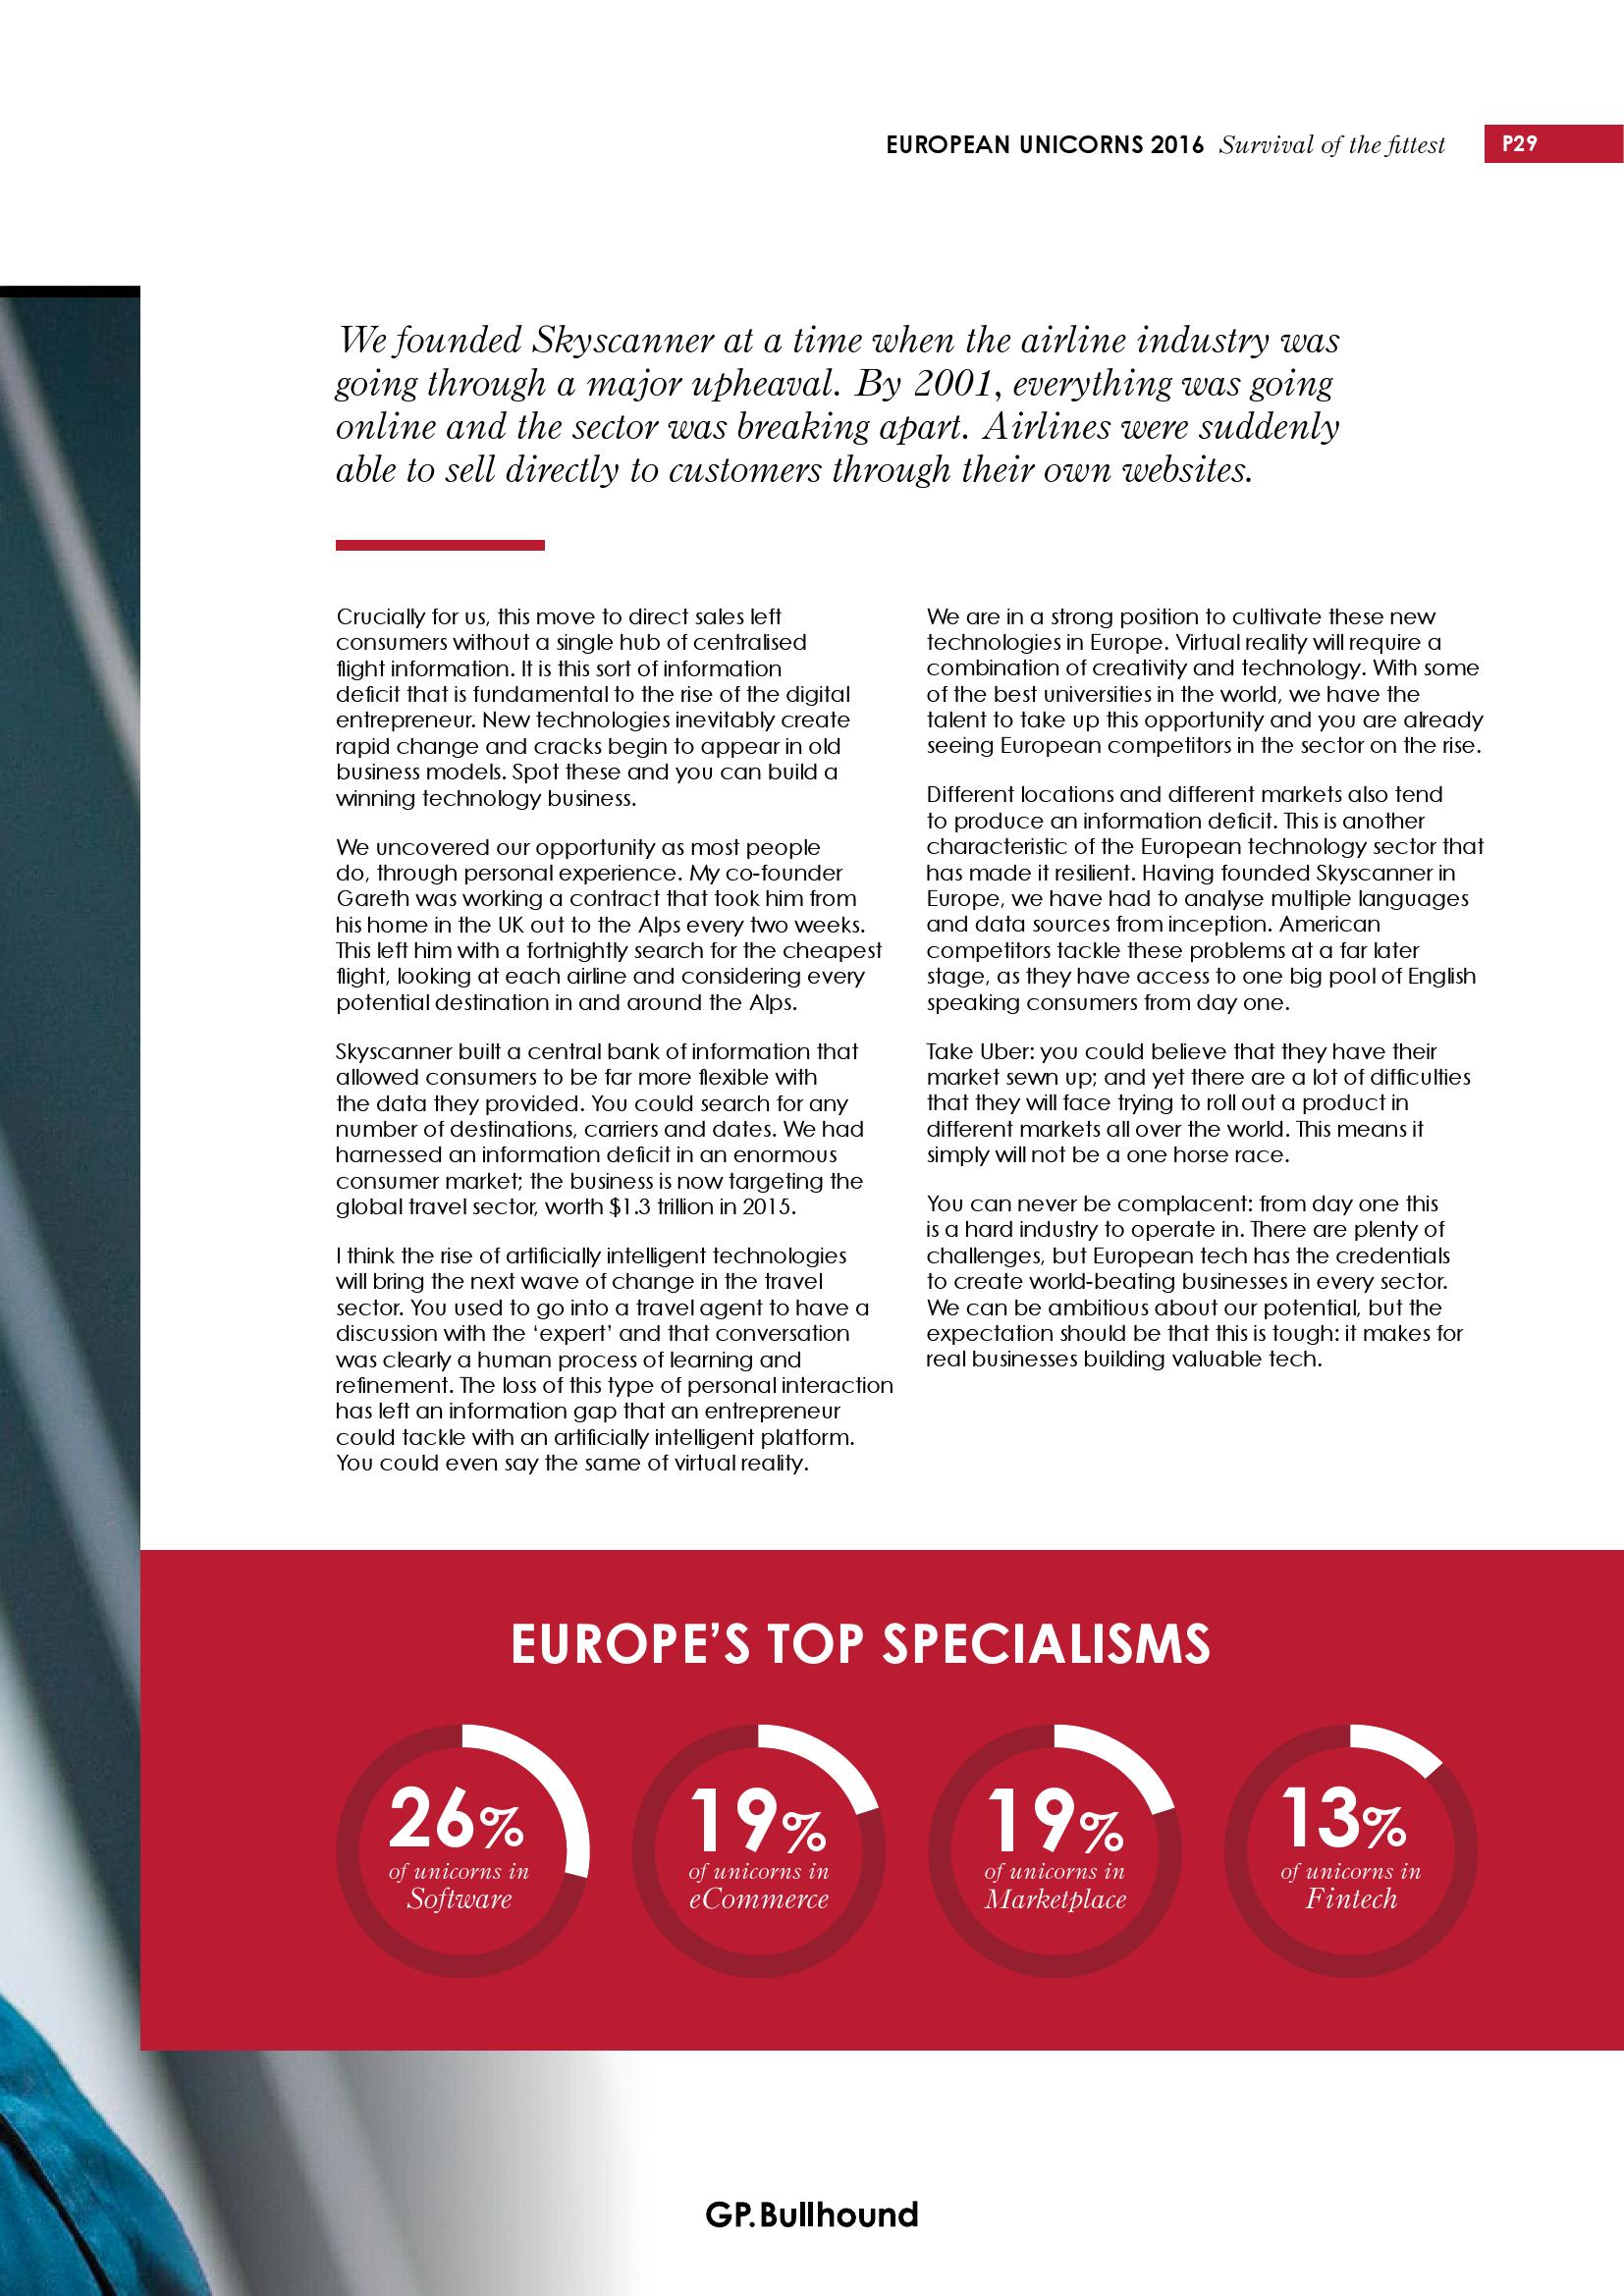 2016欧洲科技企业独角兽研究报告_000029